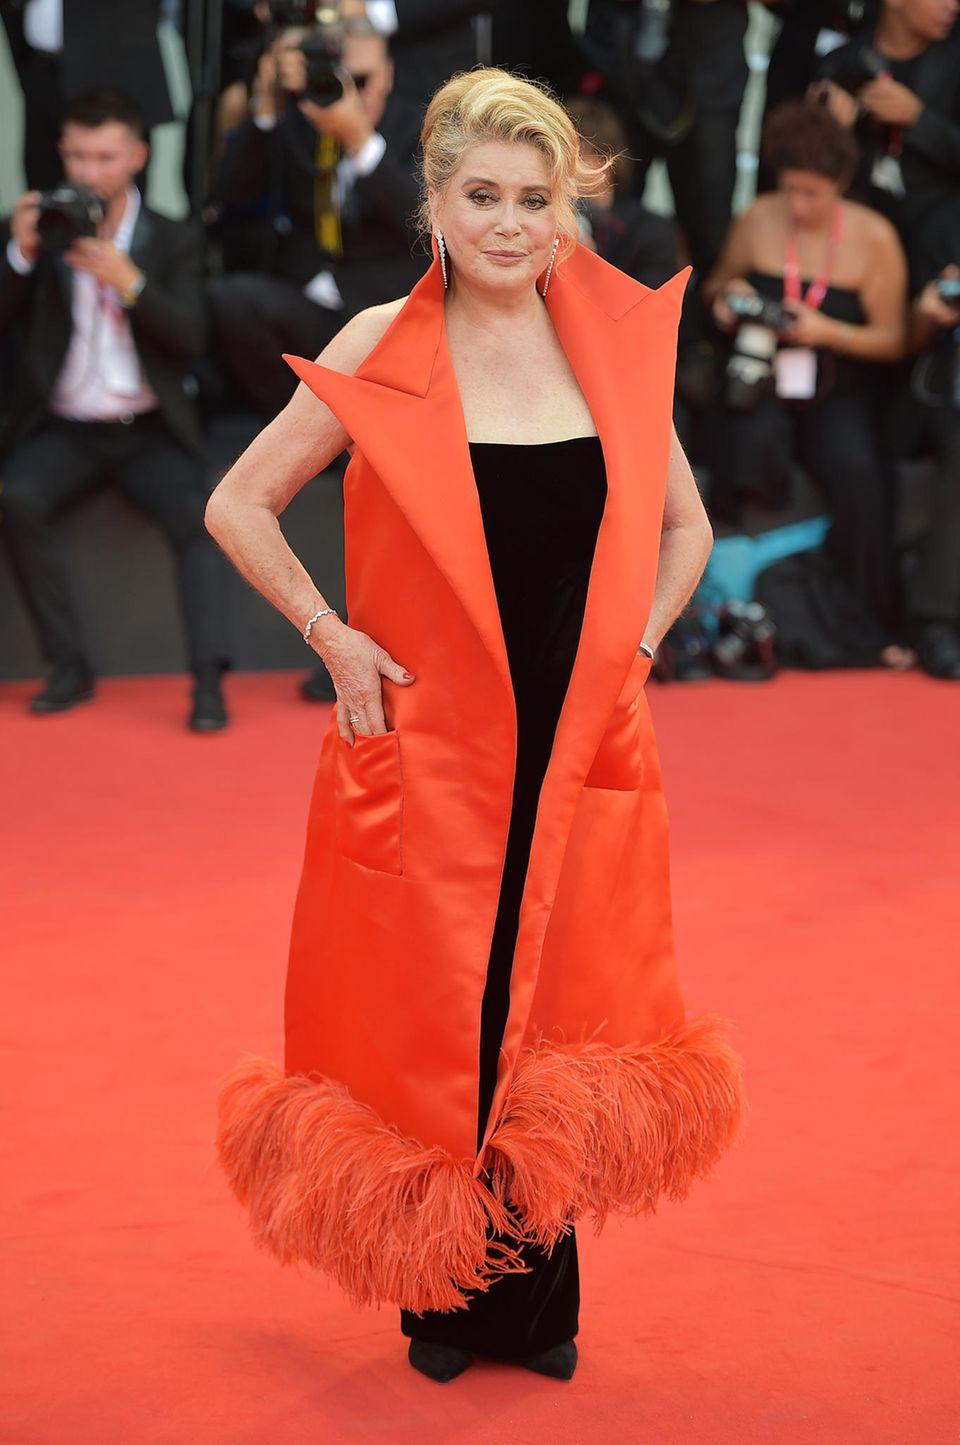 Catherine Deneuve greift zu einem extravagantem Look für ihren Red-Carpet-Auftritt. Eins steht fest: Die Fotografen sind ihr sicher.